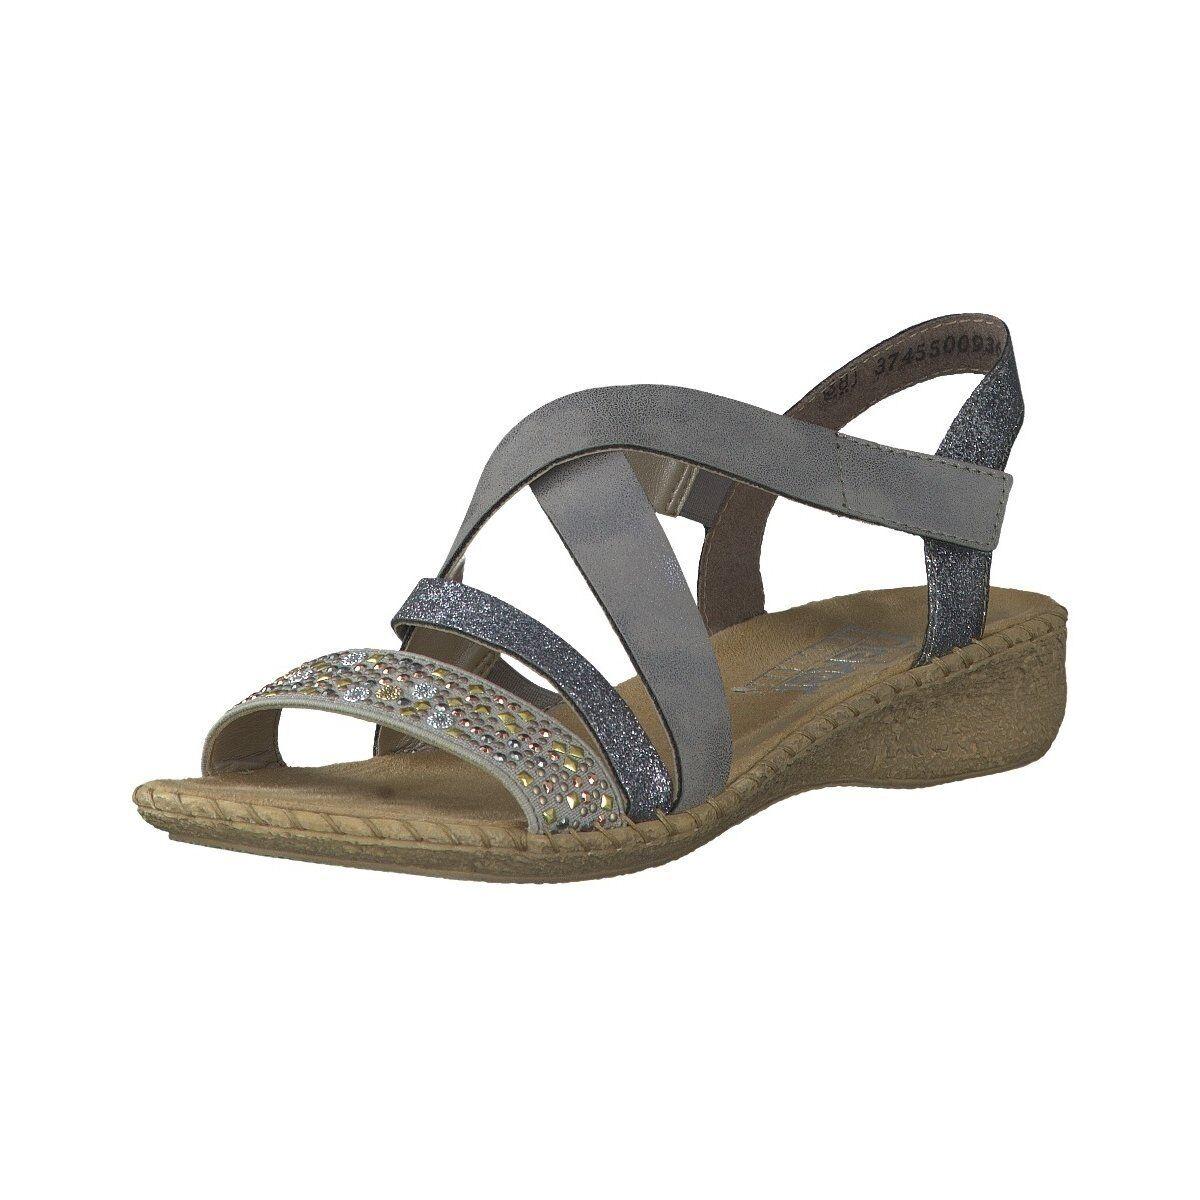 Rieker Damen Sandaletten Sandalette 61663-42 grau 426921